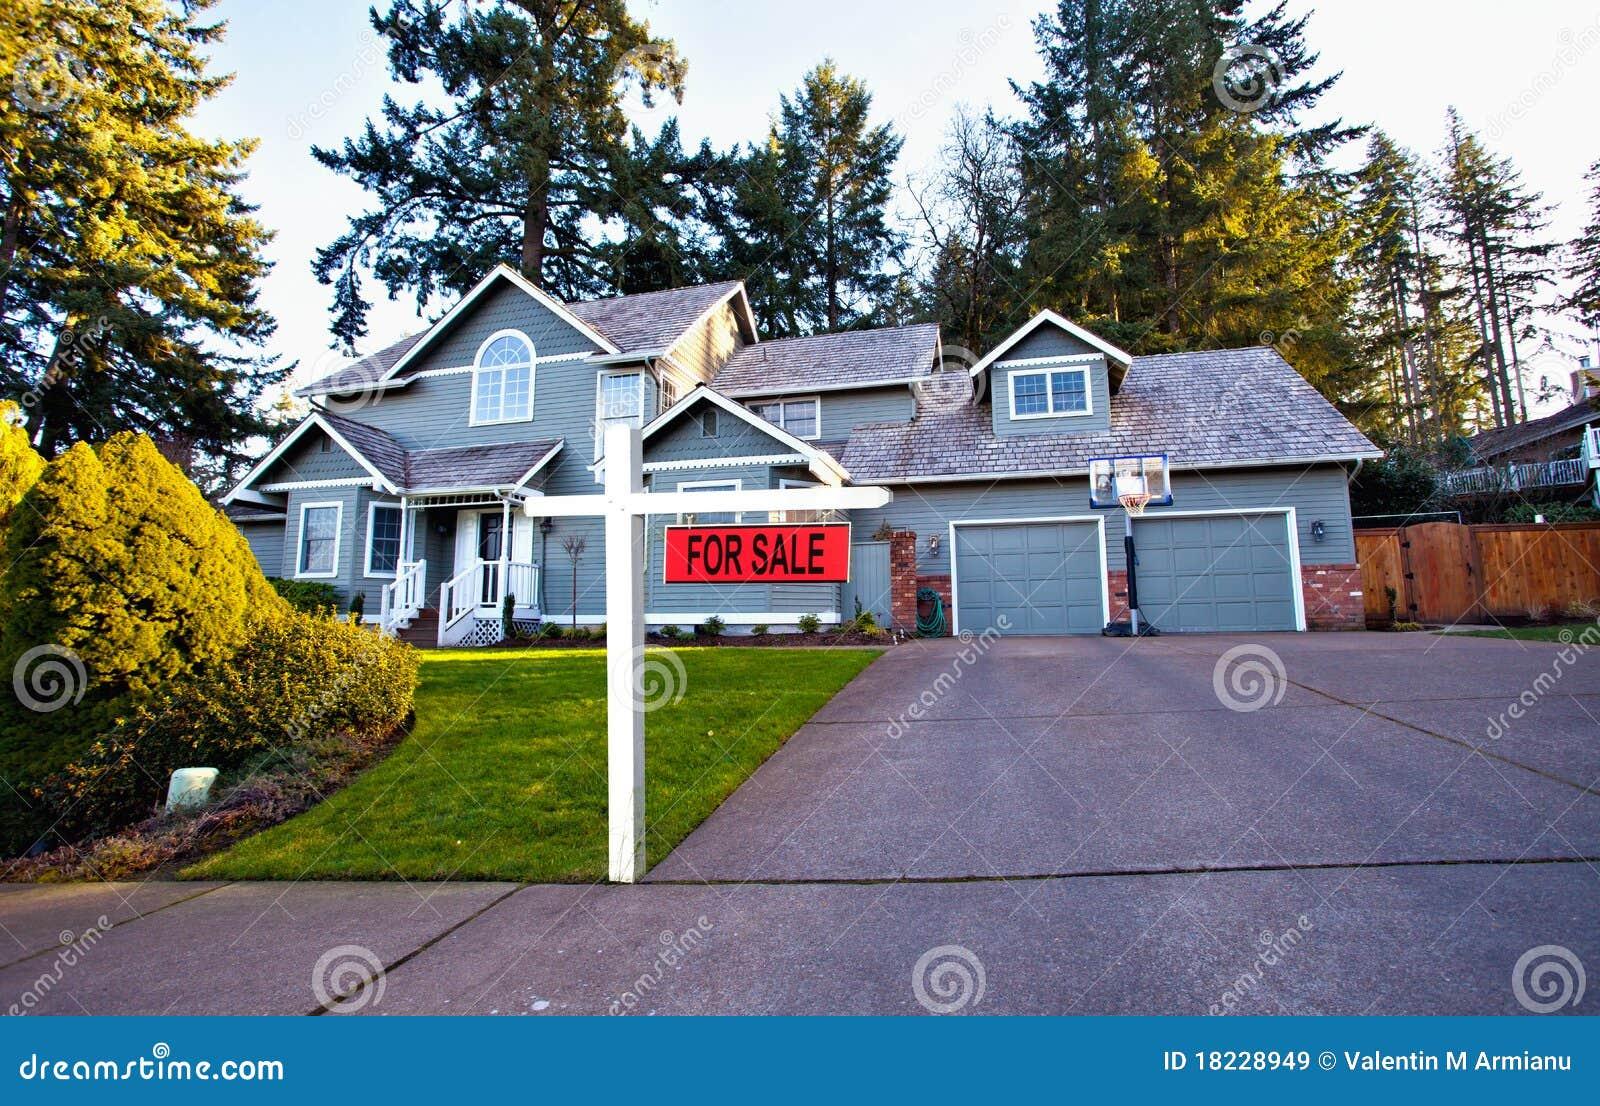 Huis in de voorsteden voor verkoop